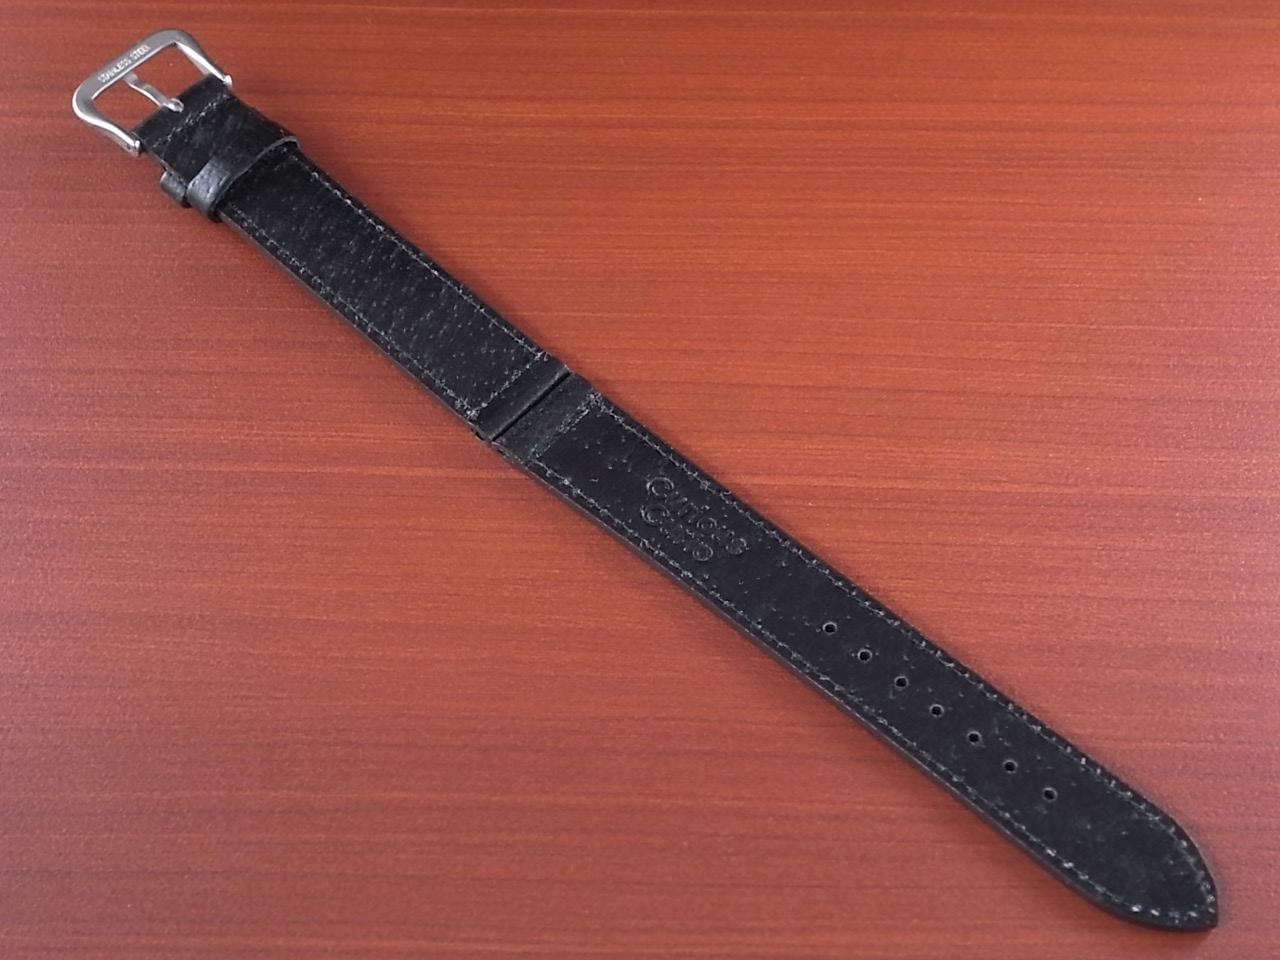 ピッグ革ベルト 黒 14、15、16、17、18、19、20mm オリジナル CSA-001aの写真2枚目